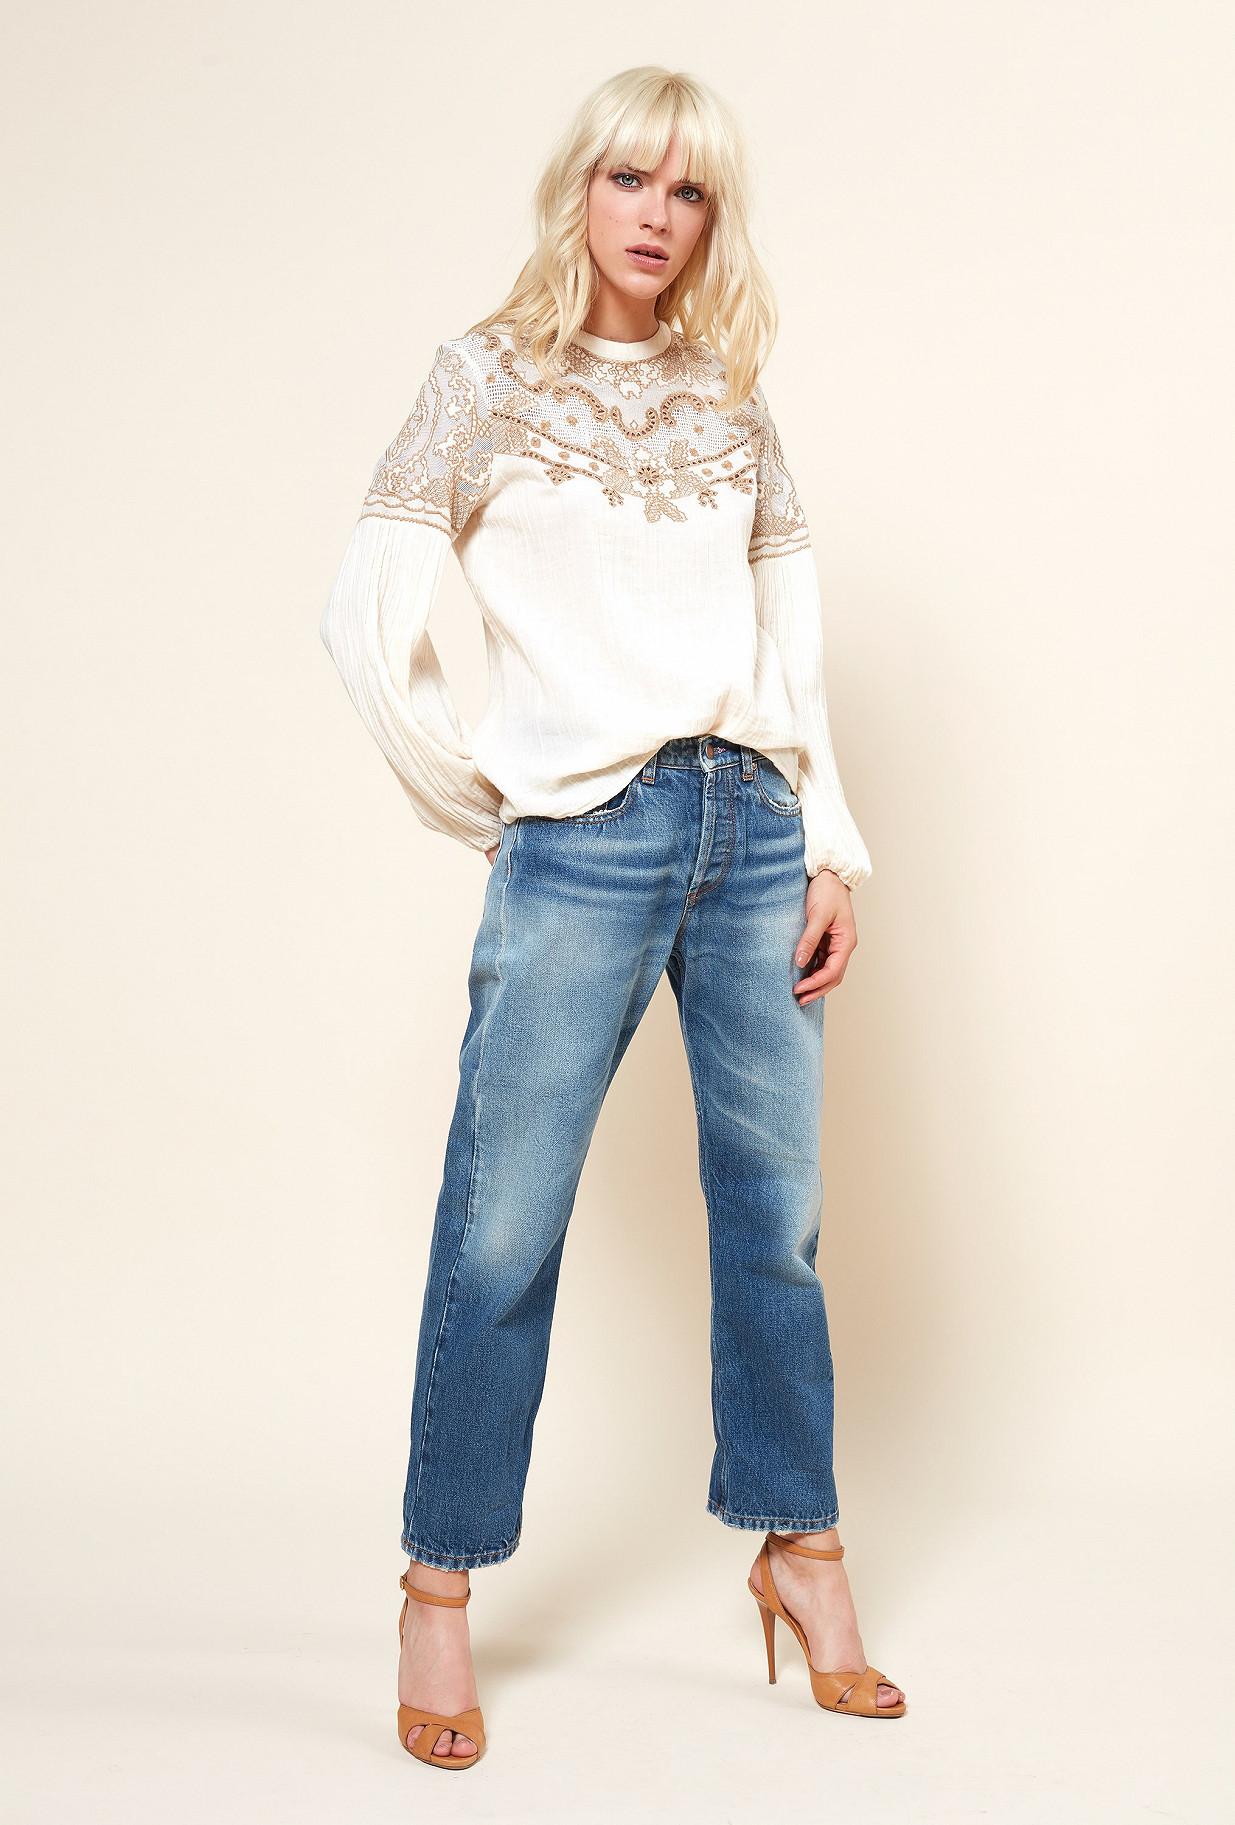 Cream print  Blouse  Meridienne Mes demoiselles fashion clothes designer Paris